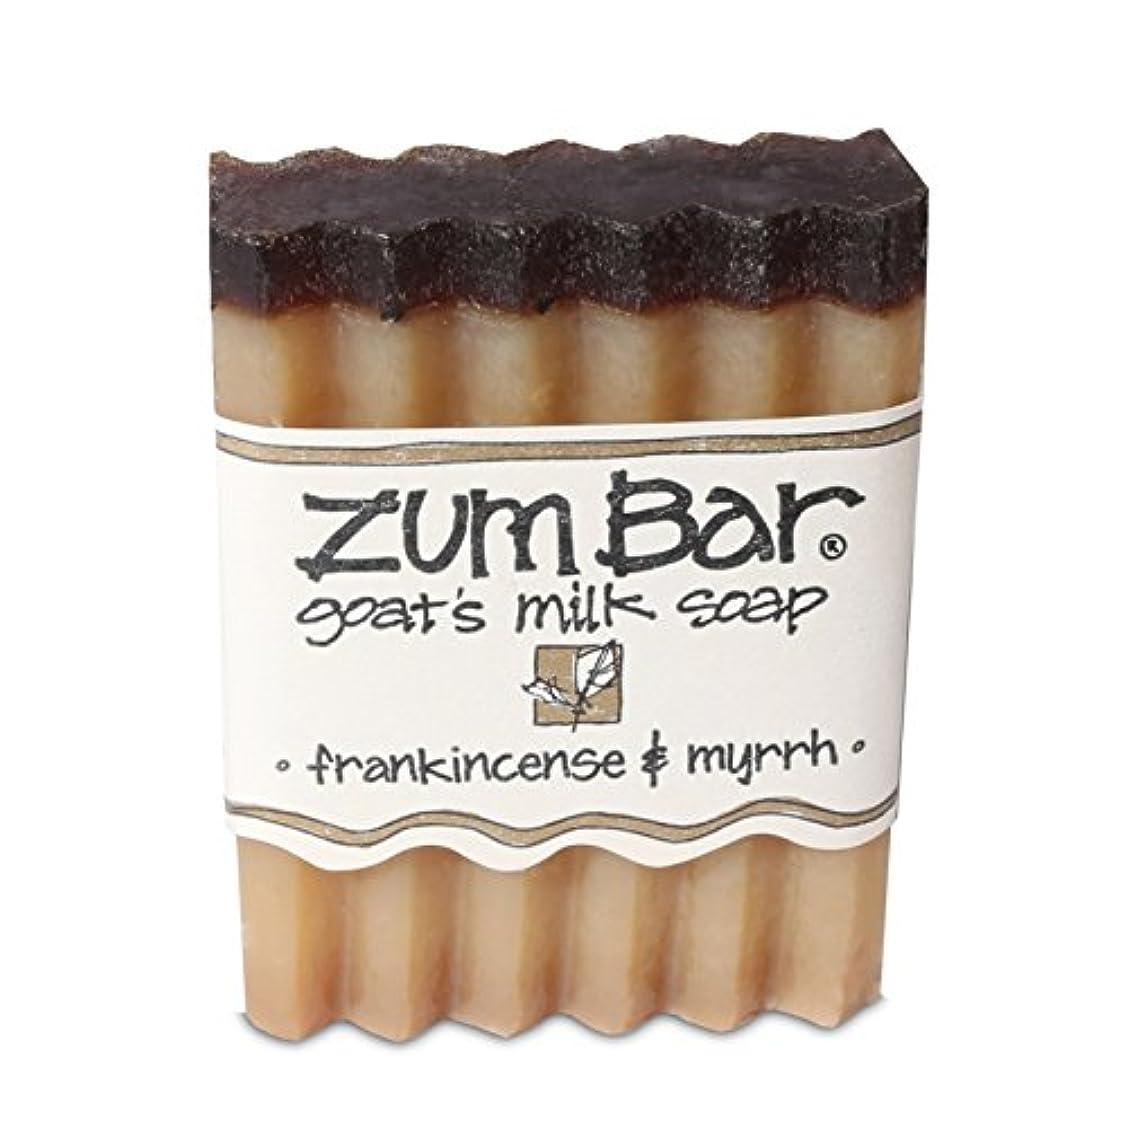 マイルド常に市民海外直送品 Indigo Wild, Zum Bar, Goat's ミルク ソープ フランキンセンス&ミルラ, 3 Ounces (2個セット) (Frankincense & Myrrh) [並行輸入品]